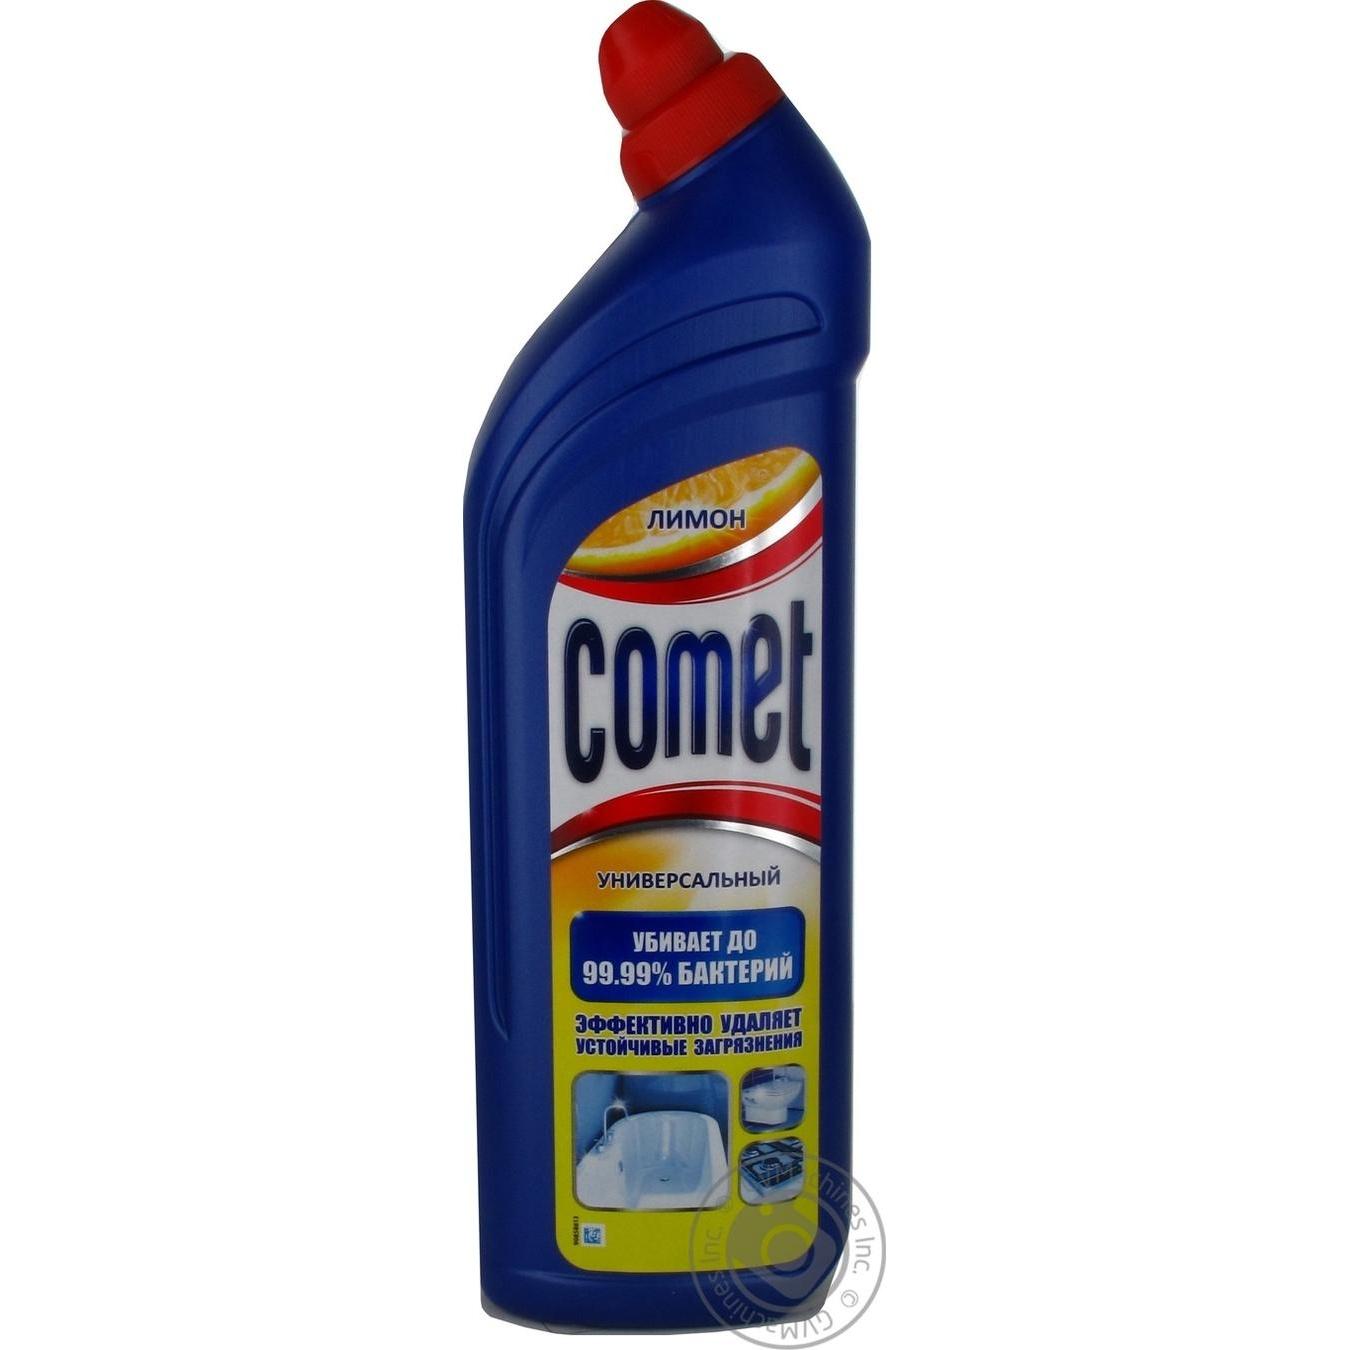 Купить COMET УНІВ.ГЕЛЬ 1 Л ЛИМОН